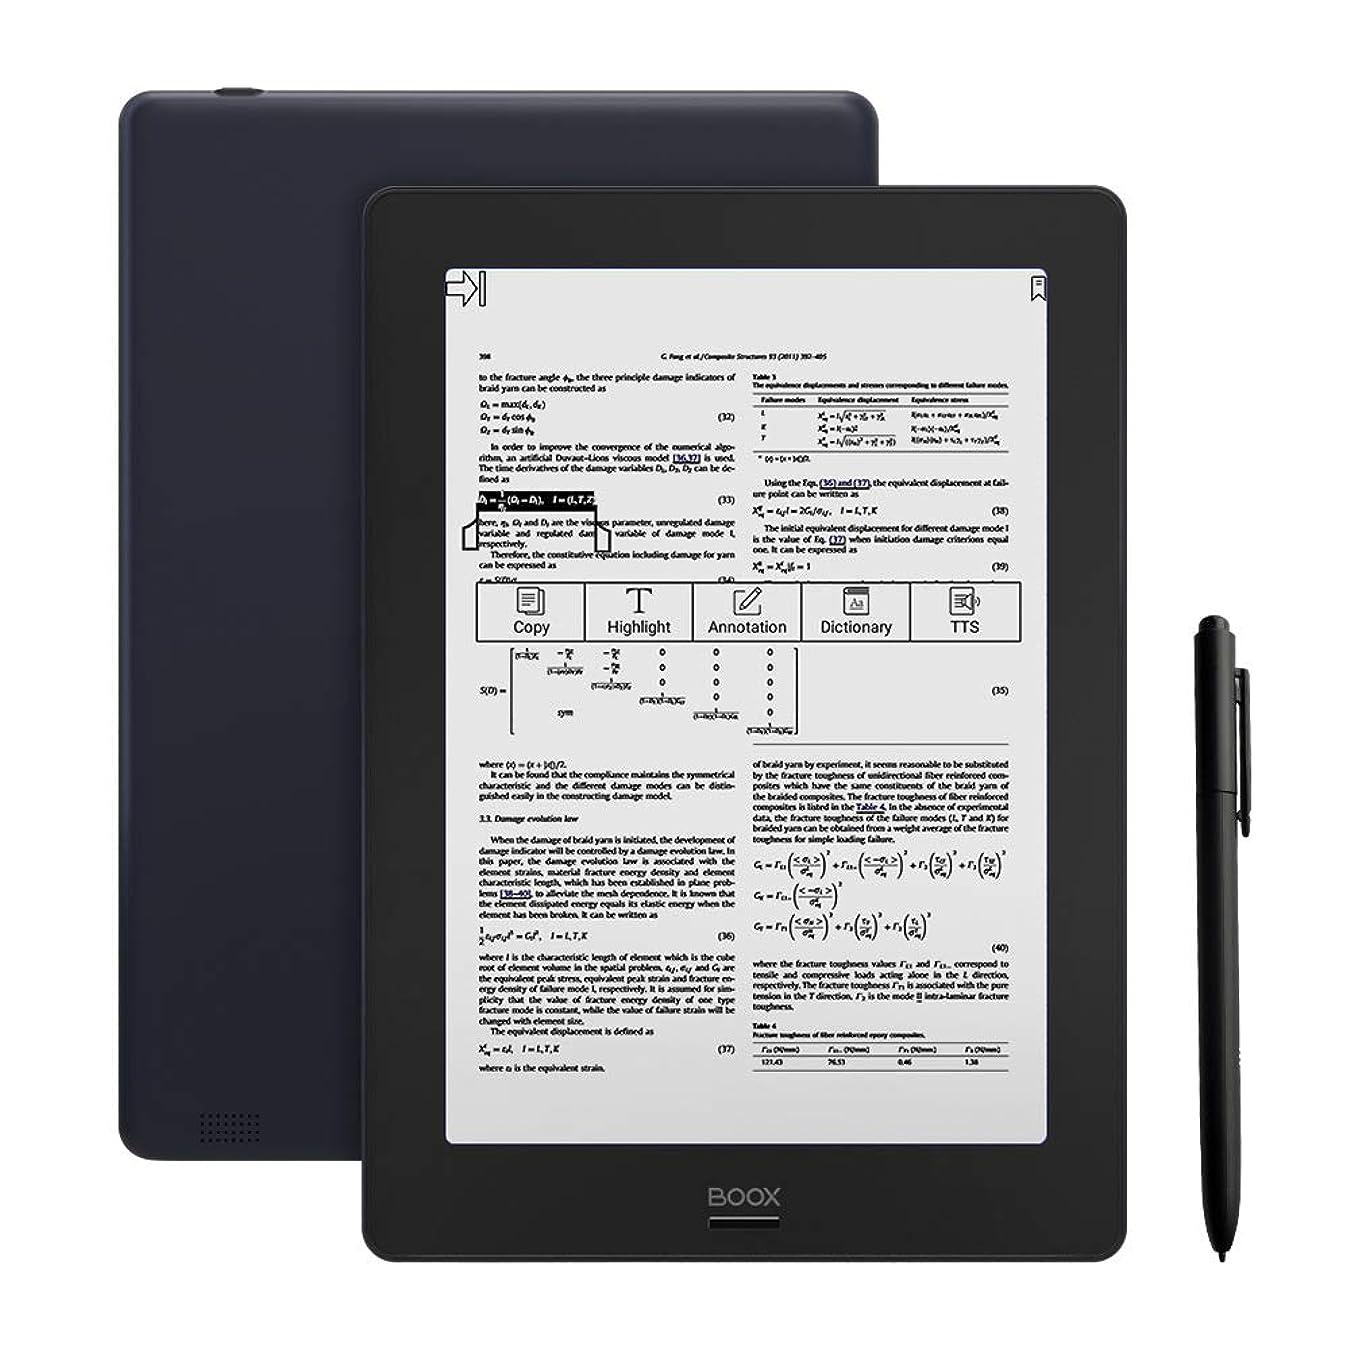 ブランチ質量変化するLikebook Mimas 10.3インチ 電子書籍リーダー オクタコア 2GB RAM 16GBストレージ【Likebookミマス本体、オリジナルハードカバー、スクリーン保護フィルム、英語マニュアル】 デュアルフロントライト Android 6.0 ハンドライティング-黒色